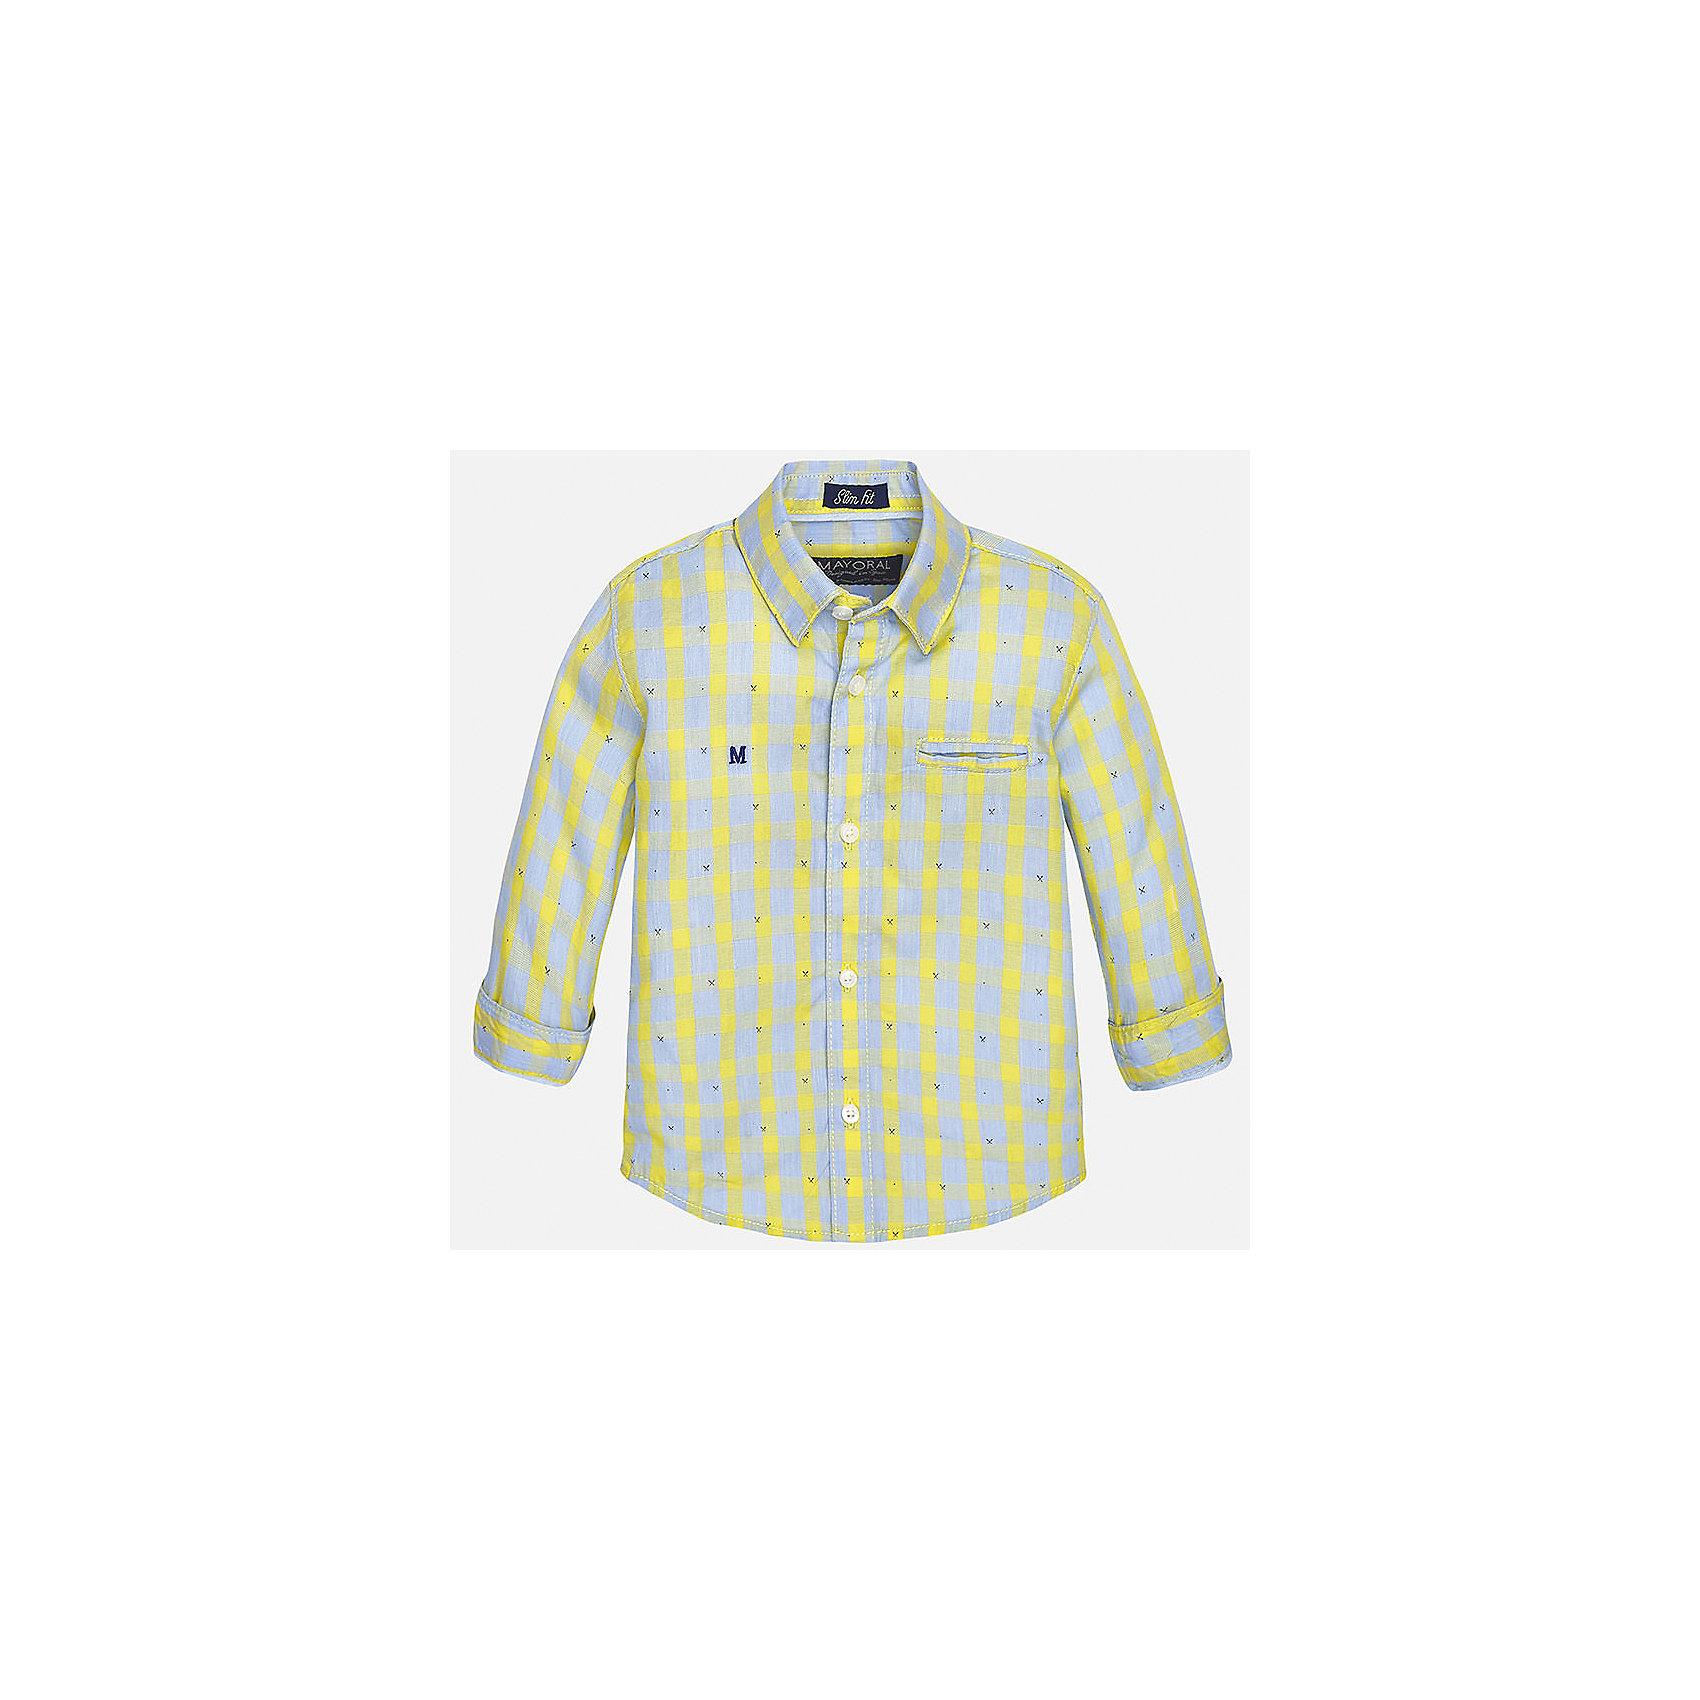 Рубашка для мальчика MayoralБлузки и рубашки<br>Характеристики товара:<br><br>• цвет: жёлтый<br>• состав: 100% хлопок<br>• отложной воротник<br>• в клетку<br>• застежка: пуговицы<br>• рукава с отворотами<br>• вышивка и карман на груди<br>• страна бренда: Испания<br><br>Стильная рубашка для мальчика может стать базовой вещью в гардеробе ребенка. Она отлично сочетается с брюками, шортами, джинсами и т.д.  Практичное и стильное изделие! В составе материала - только натуральный хлопок, гипоаллергенный, приятный на ощупь, дышащий.<br><br>Рубашку для мальчика от испанского бренда Mayoral (Майорал) можно купить в нашем интернет-магазине.<br><br>Ширина мм: 174<br>Глубина мм: 10<br>Высота мм: 169<br>Вес г: 157<br>Цвет: желтый<br>Возраст от месяцев: 12<br>Возраст до месяцев: 15<br>Пол: Мужской<br>Возраст: Детский<br>Размер: 80,92,86<br>SKU: 5279481